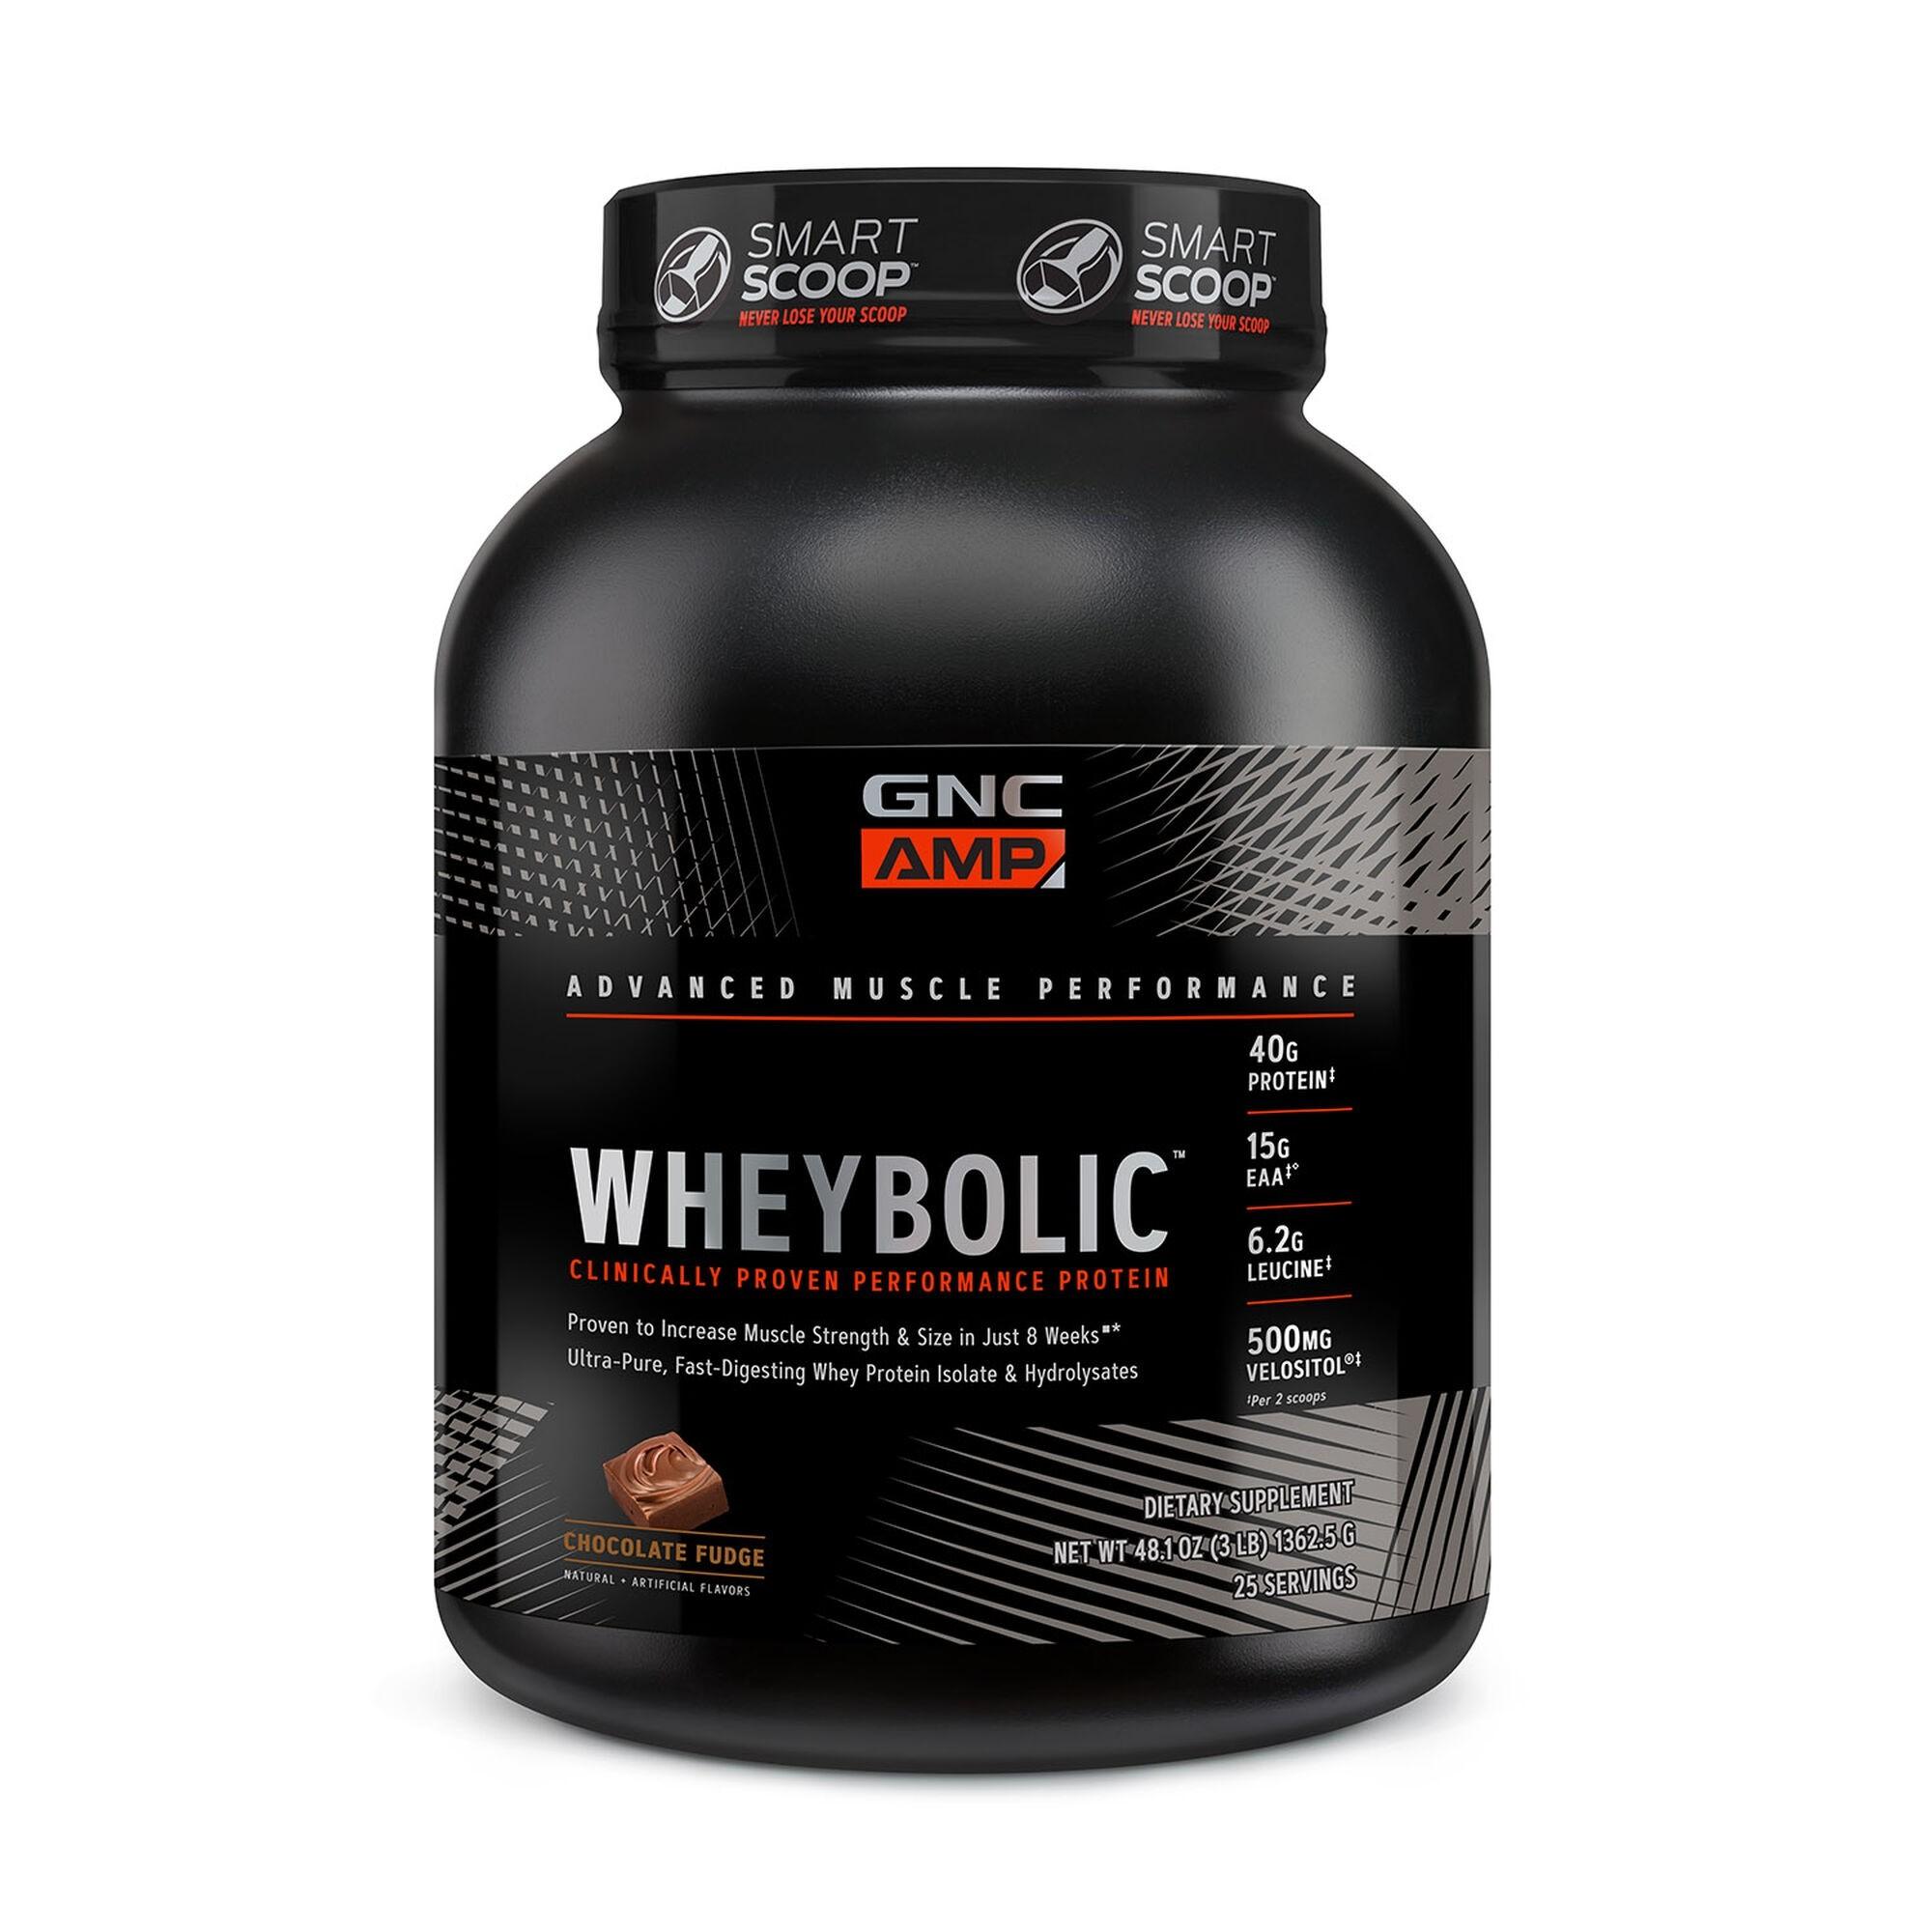 GNC AMP Wheybolic™, Proteina din Zer, cu Aroma de Ciocolata, 1362.5 g